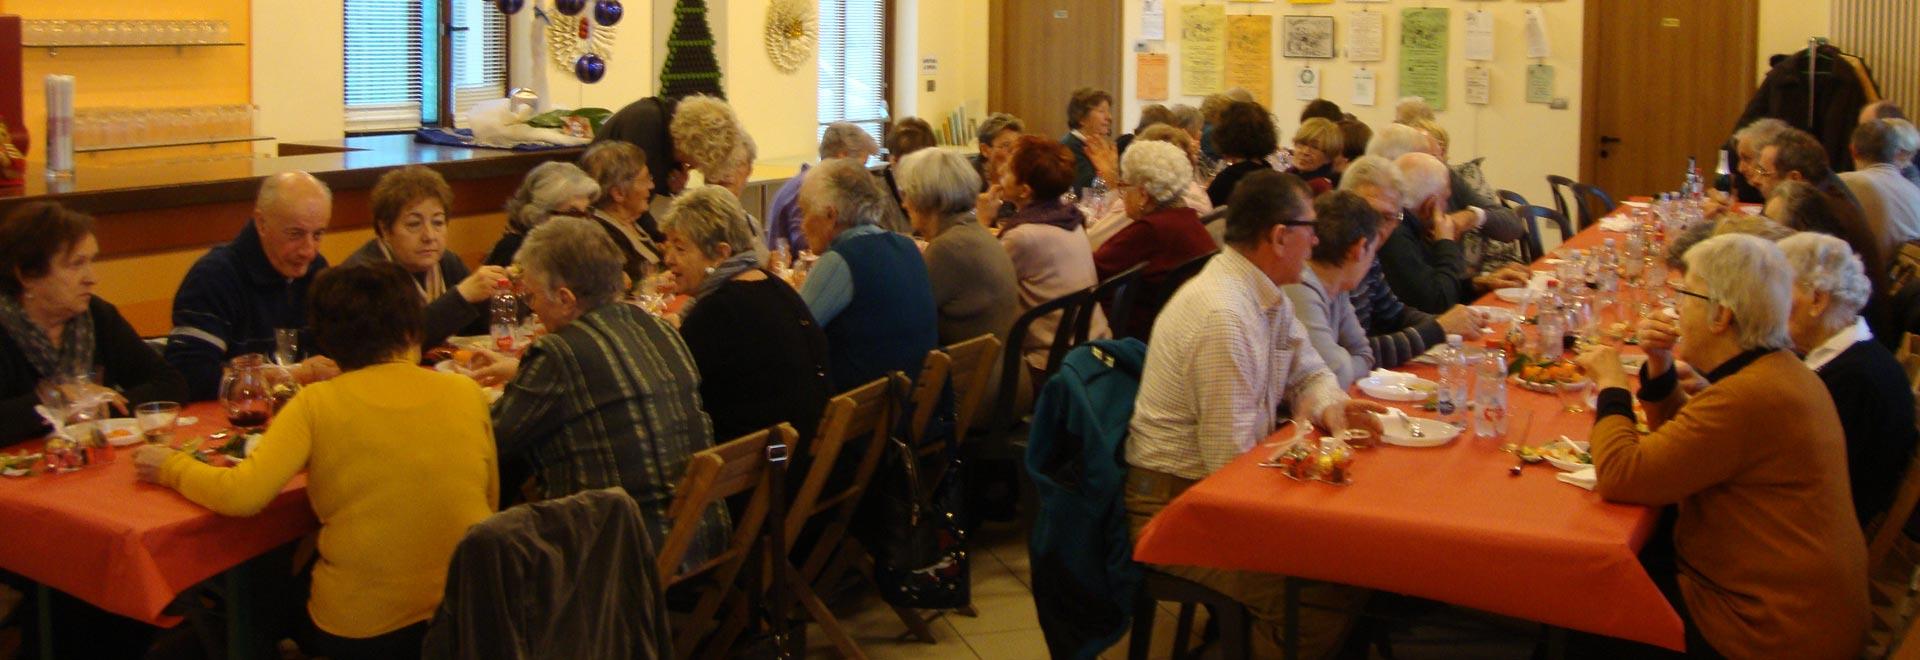 Progetto AUSER:  'Contrasto alla solitudine' in aiuto degli anziani.